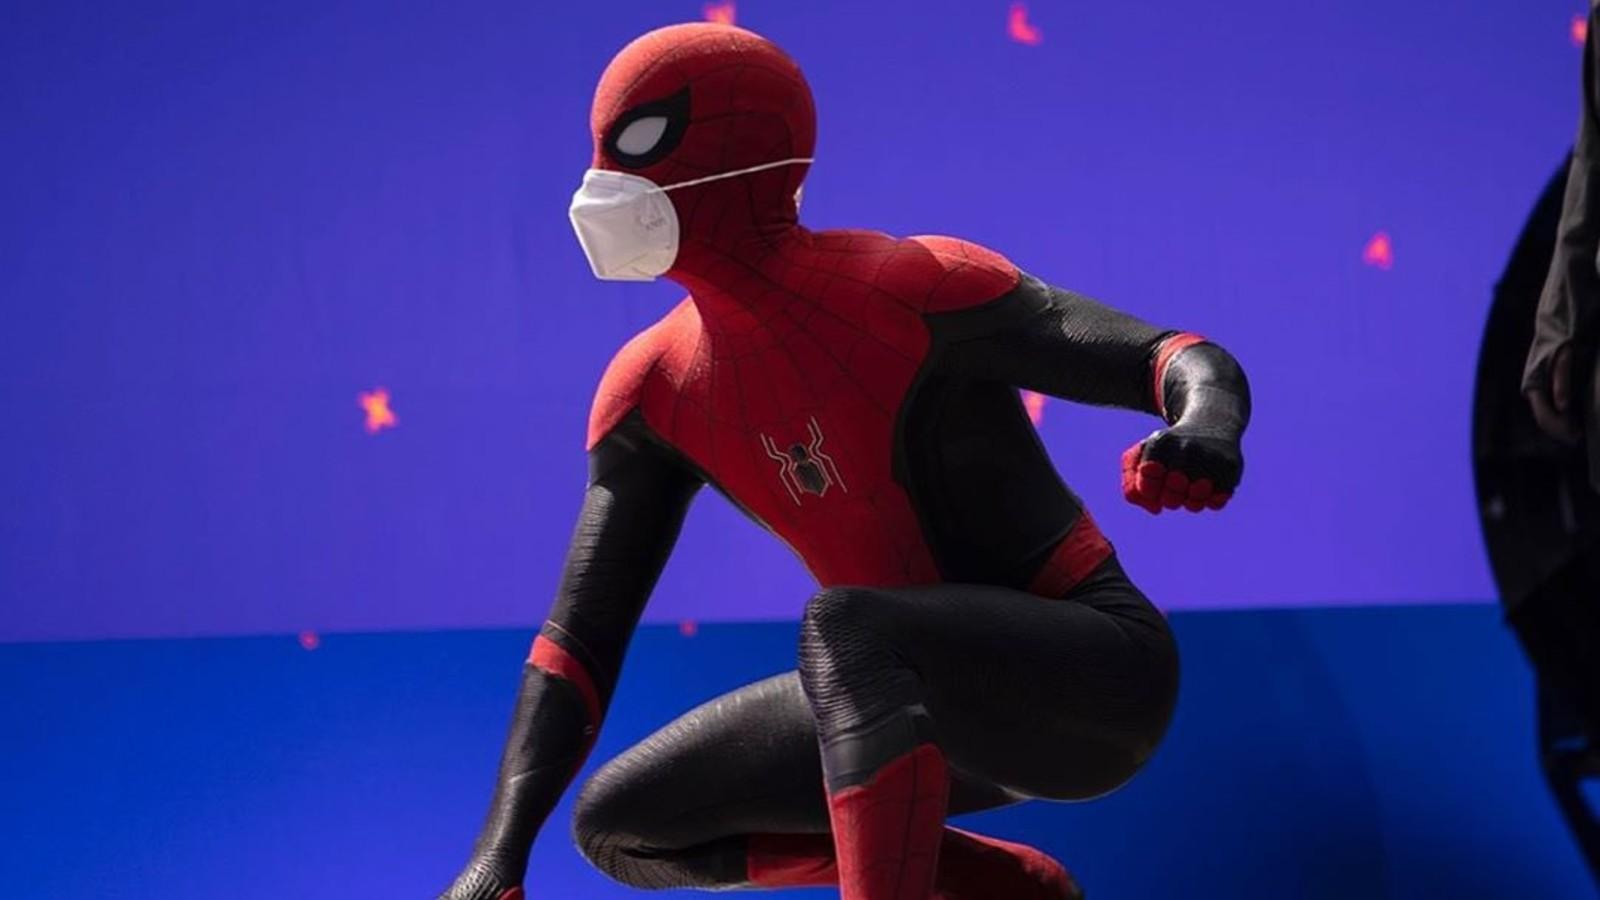 Tom Holland on set of Spider-Man 3